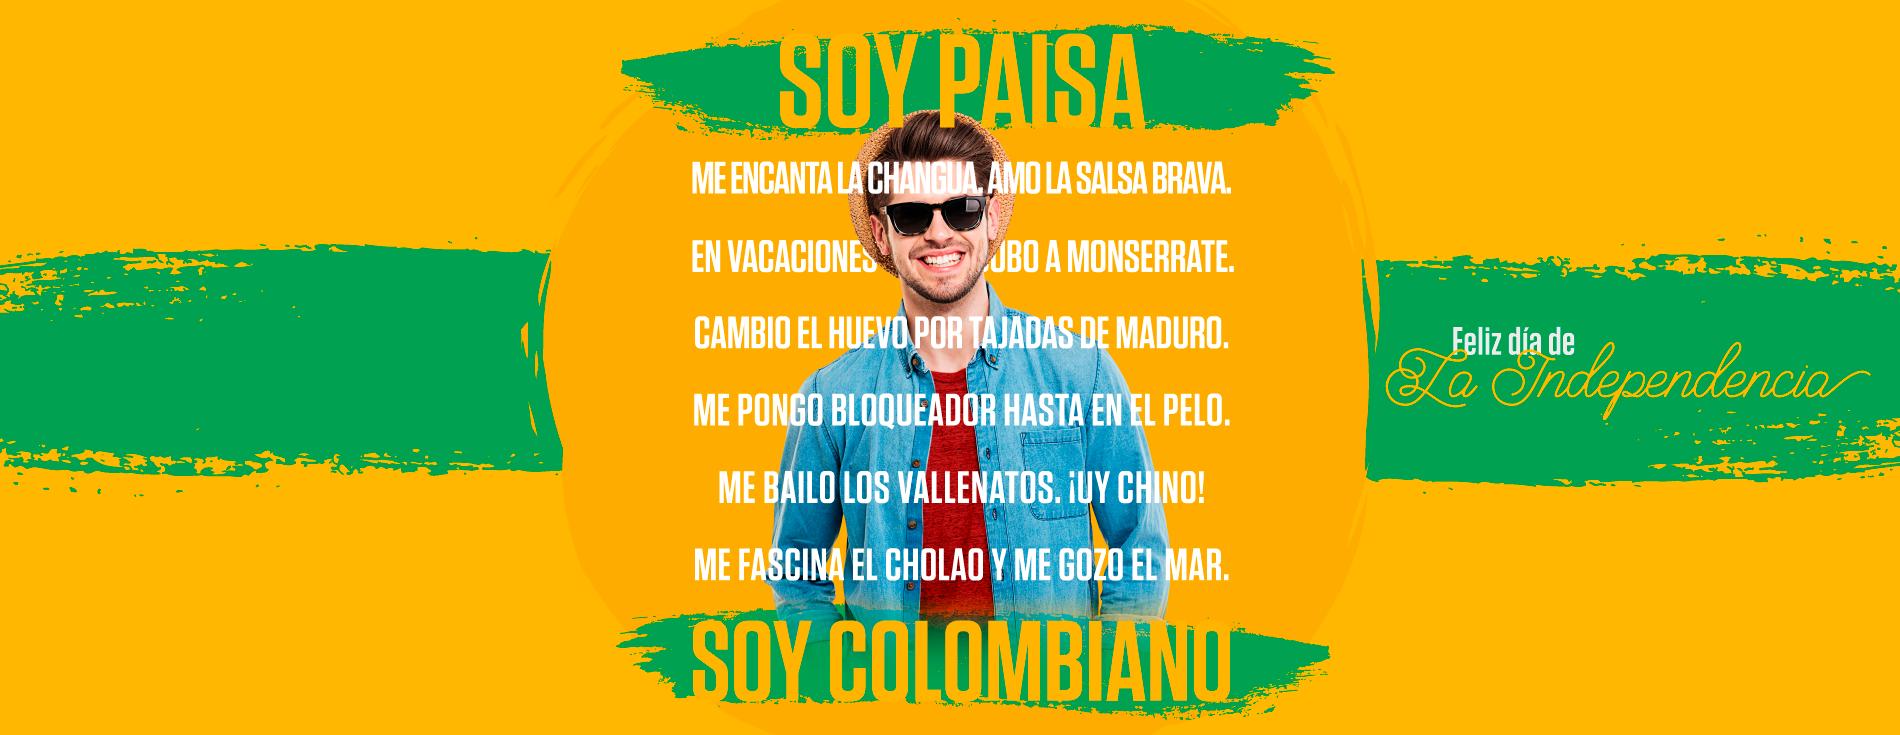 Independencia de Colombia - Buenaventura